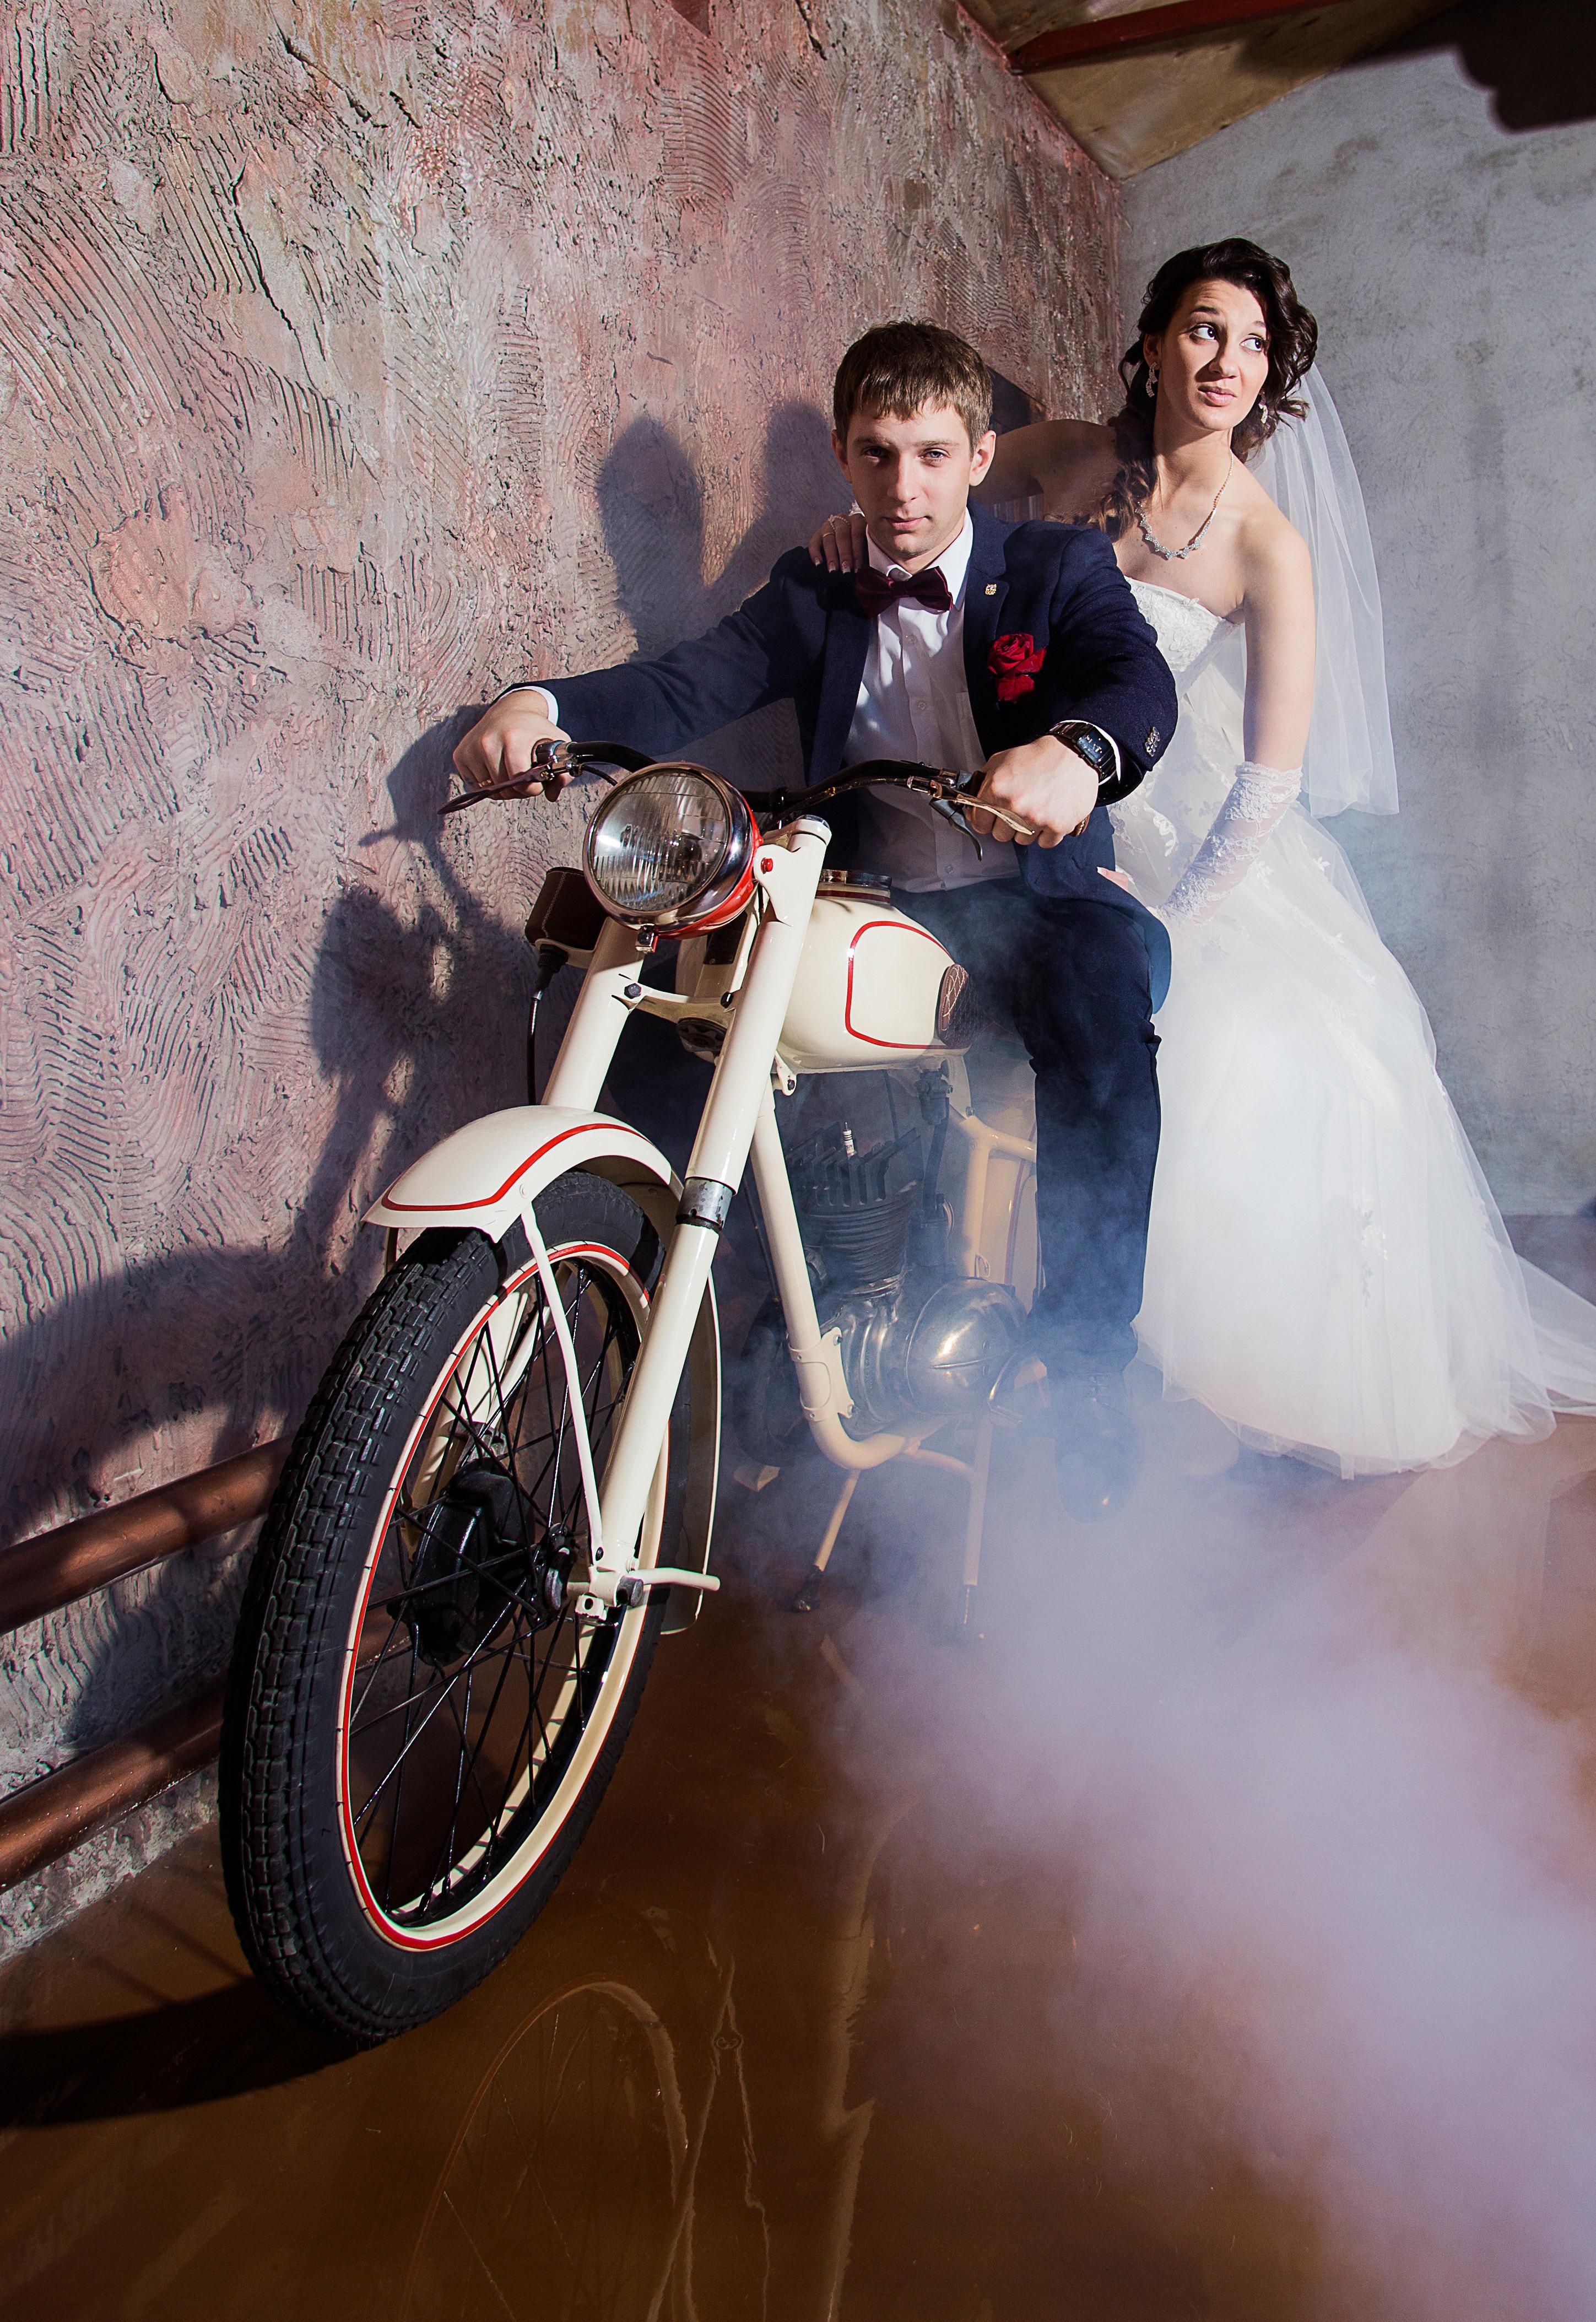 Никита кузнецов фото свадьбы